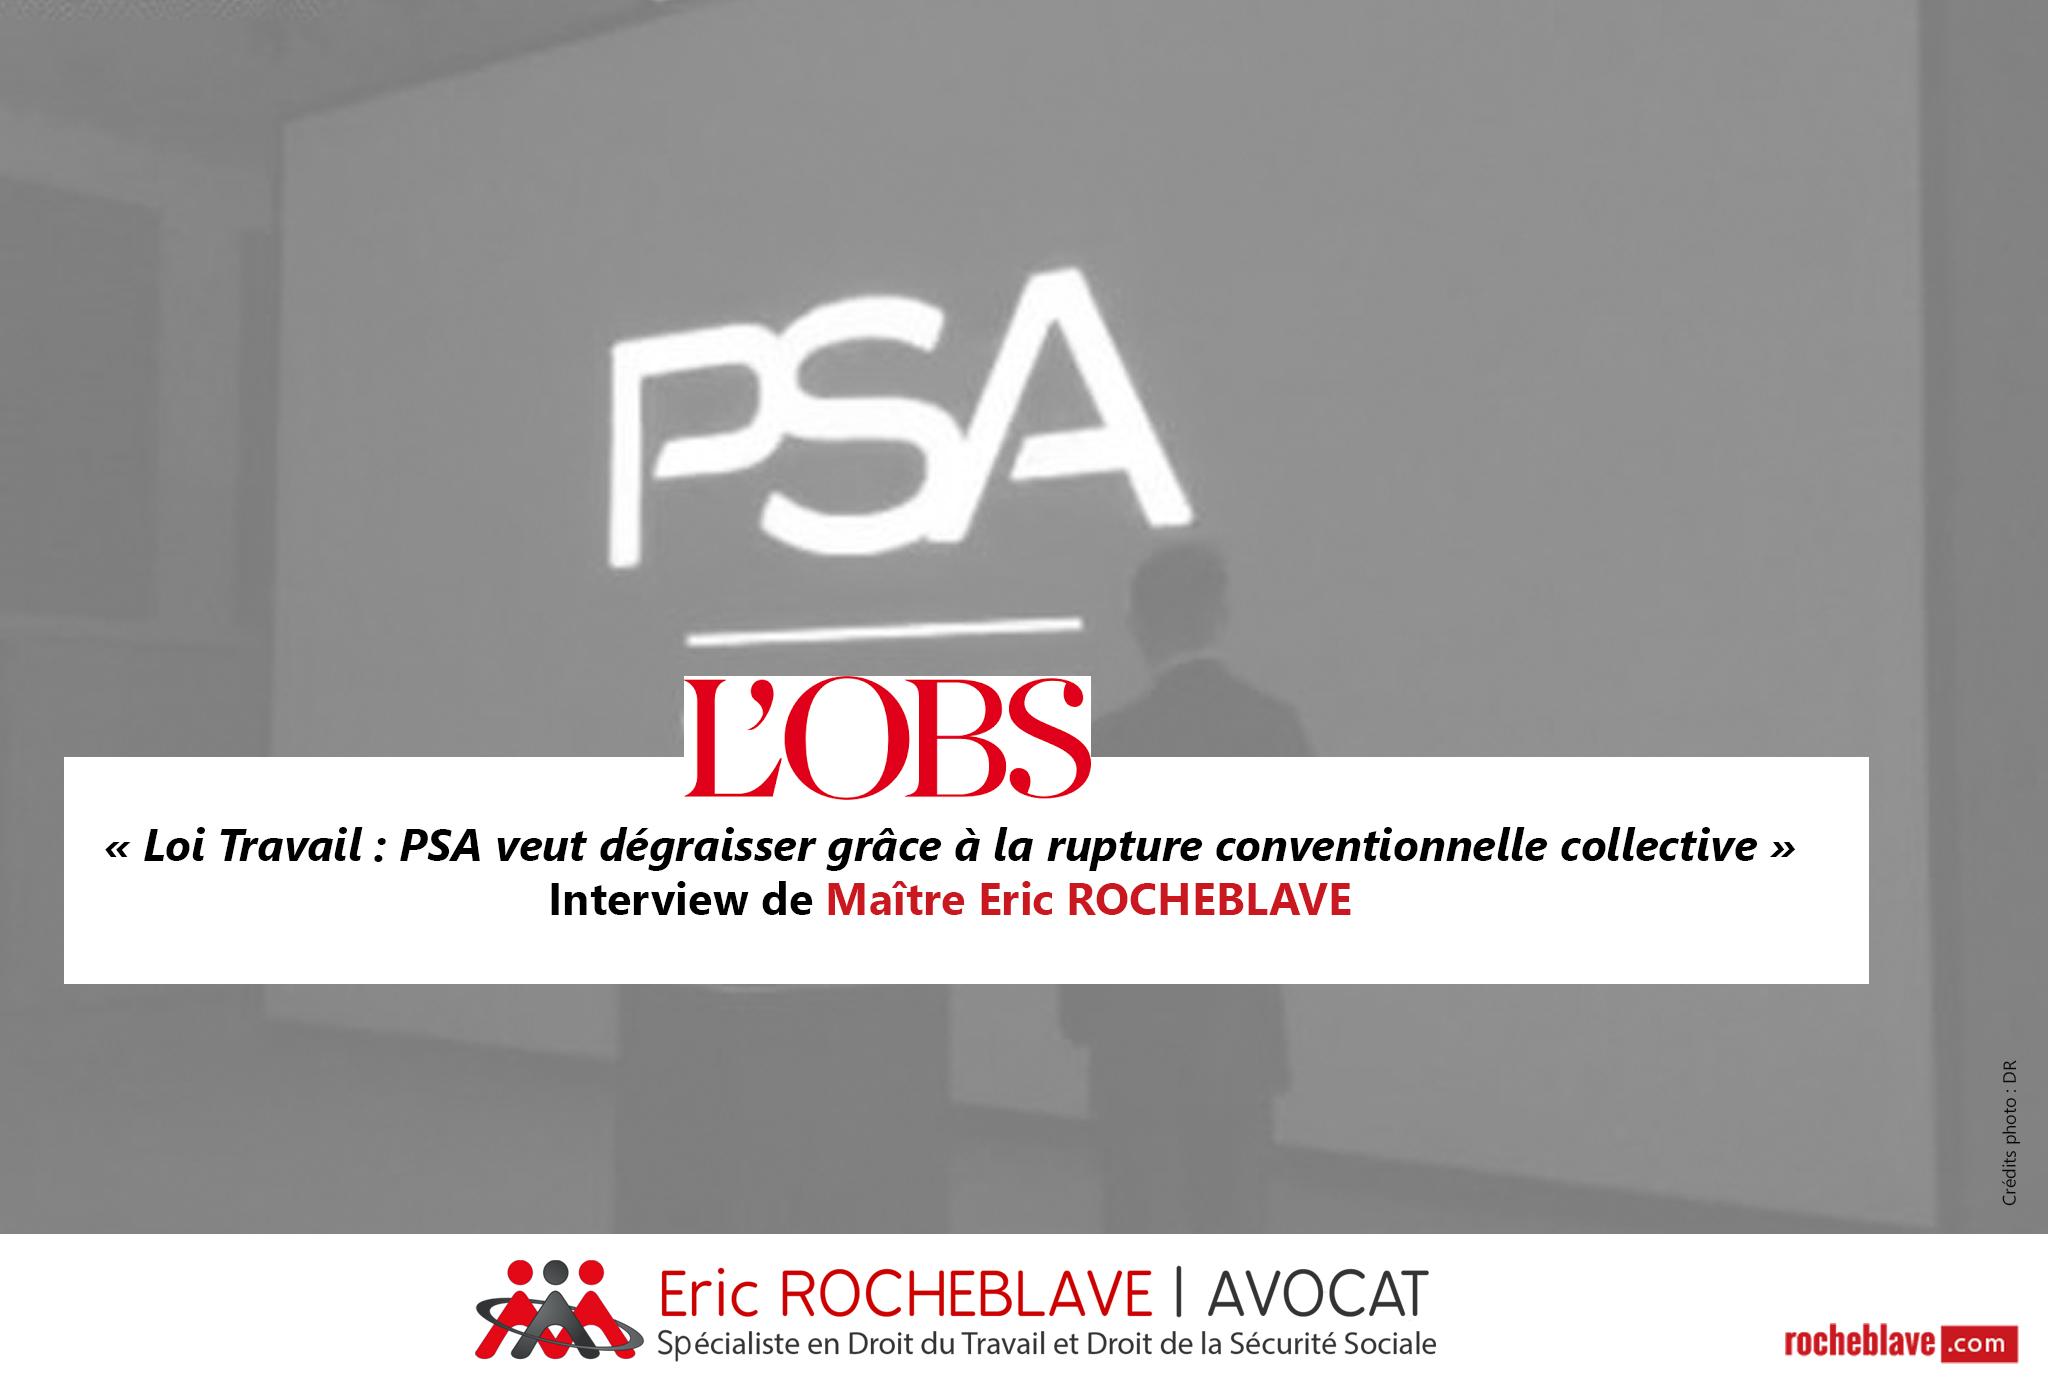 « Loi Travail : PSA veut dégraisser grâce à la rupture conventionnelle collective » Interview de Maître Eric ROCHEBLAVE | L'OBS